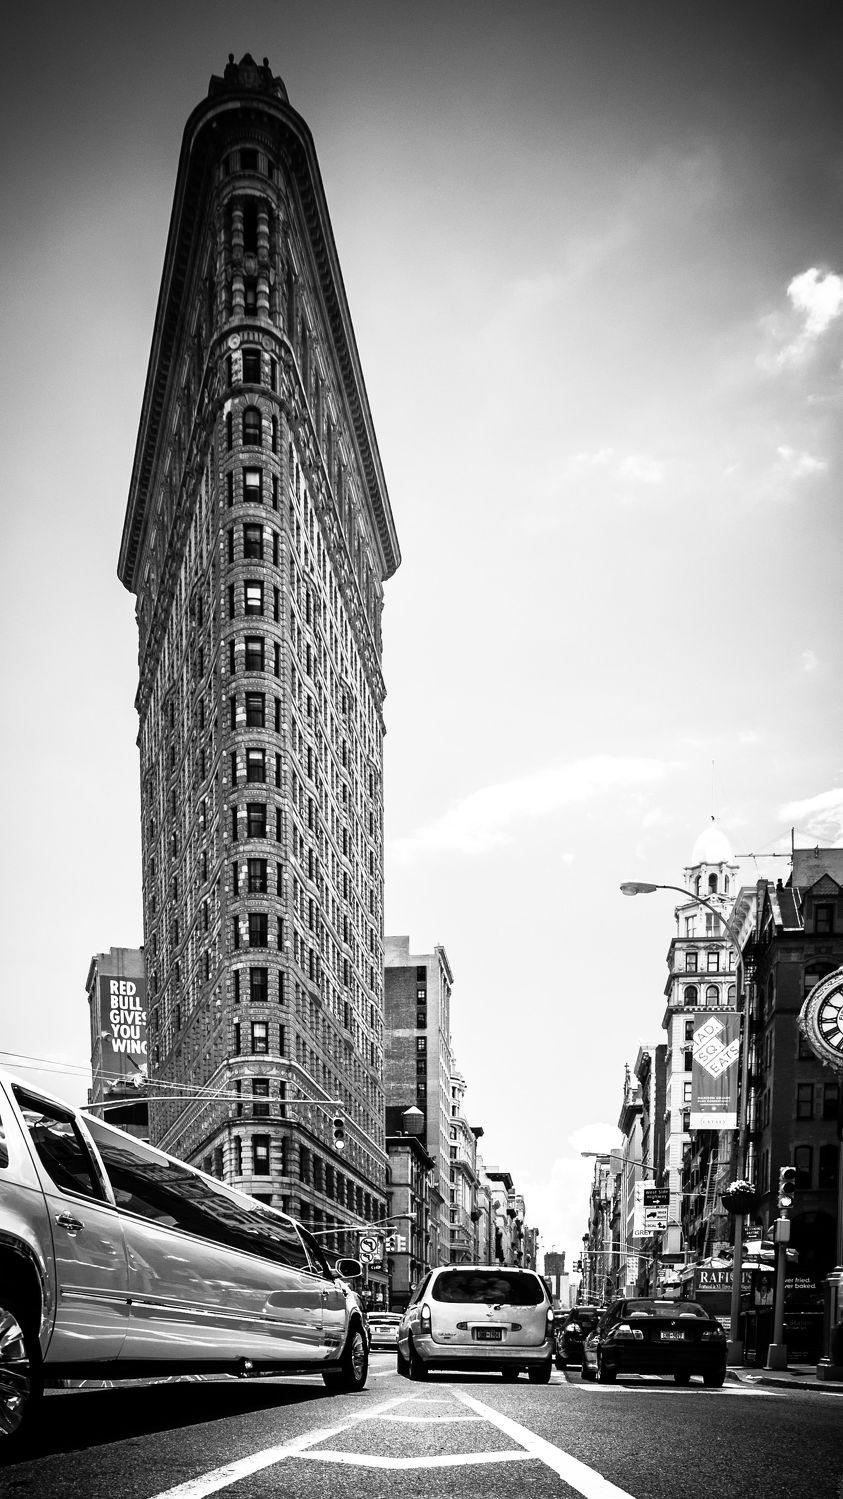 Bild mit Autos, Architektur, Straßen, Stadt, urban, New York, New York, monochrom, Staedte und Architektur, USA, schwarz weiß, hochhaus, wolkenkratzer, metropole, Straße, Hochhäuser, SW, Manhattan, Brooklyn Bridge, Yellow cab, taxi, Taxis, New York City, NYC, Gelbe Taxis, yellow cabs, 1st Ave, Times Square, high tower, big apple